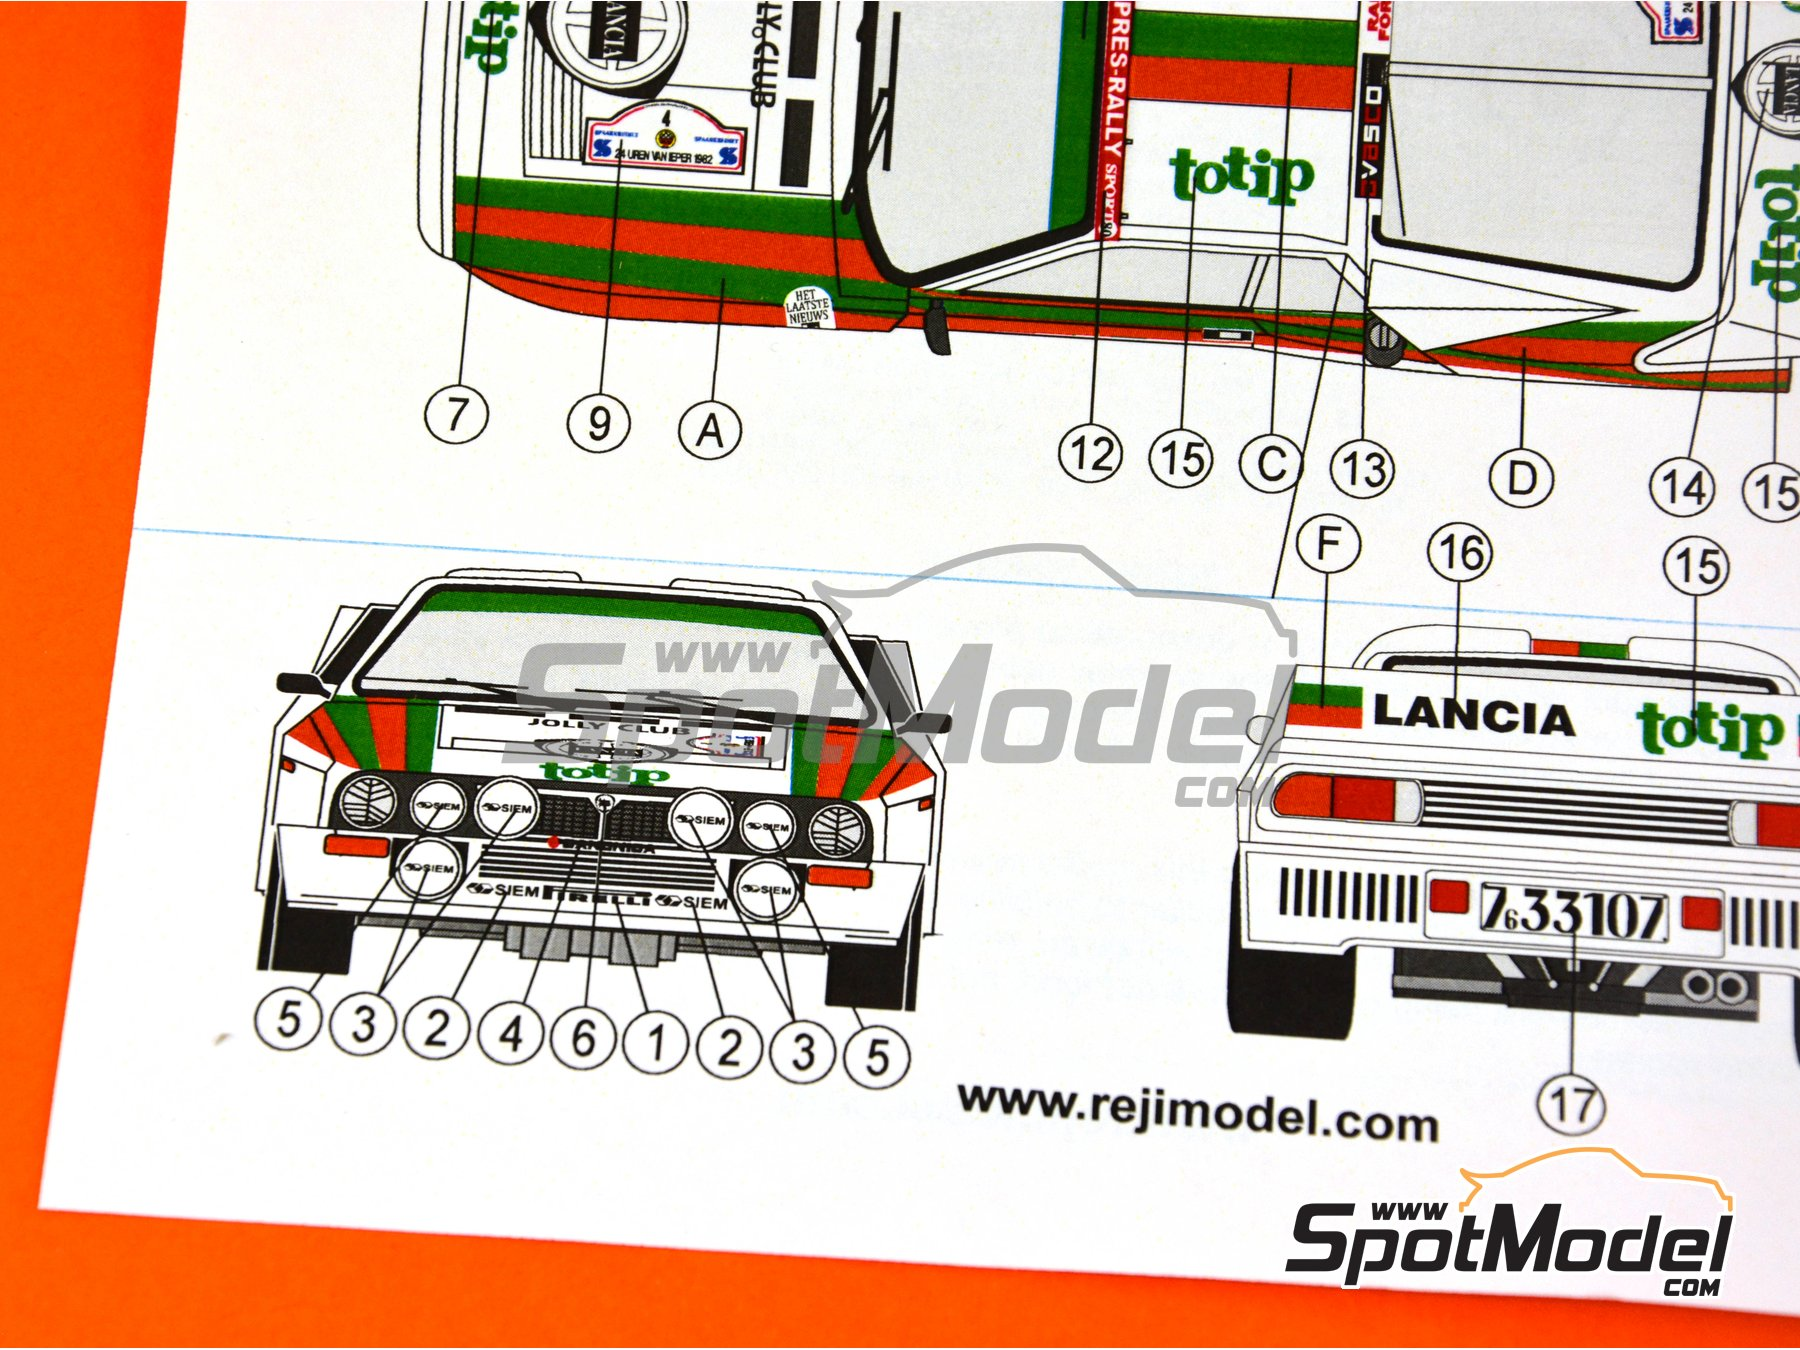 Image 16: Lancia 037 WRC Totip - Rally de Ypres de Belgica 1982   Transkit en escala1/24 fabricado por Reji Model (ref.REJI-234)